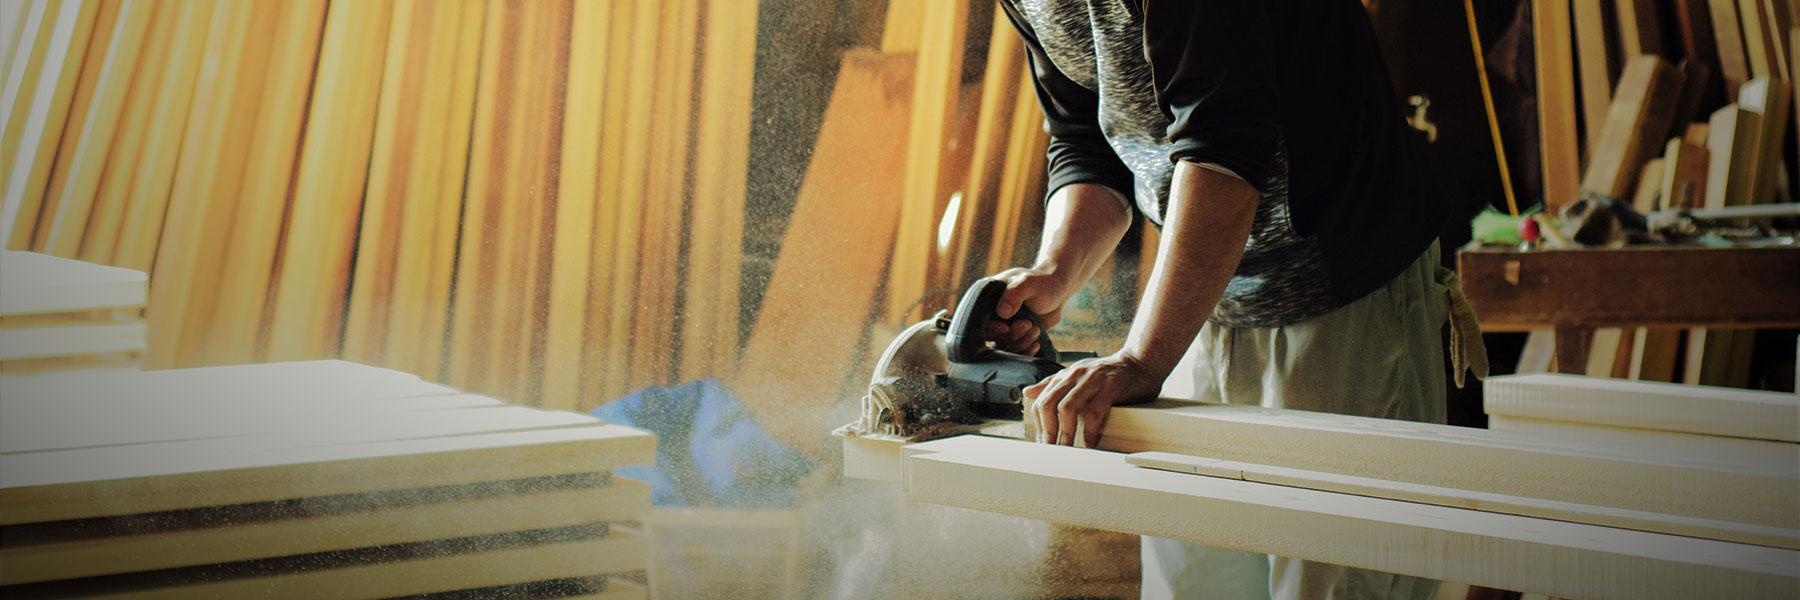 お買い求めいただいた材木の加工ができる作業所も完備。DIYをサポートいたします。